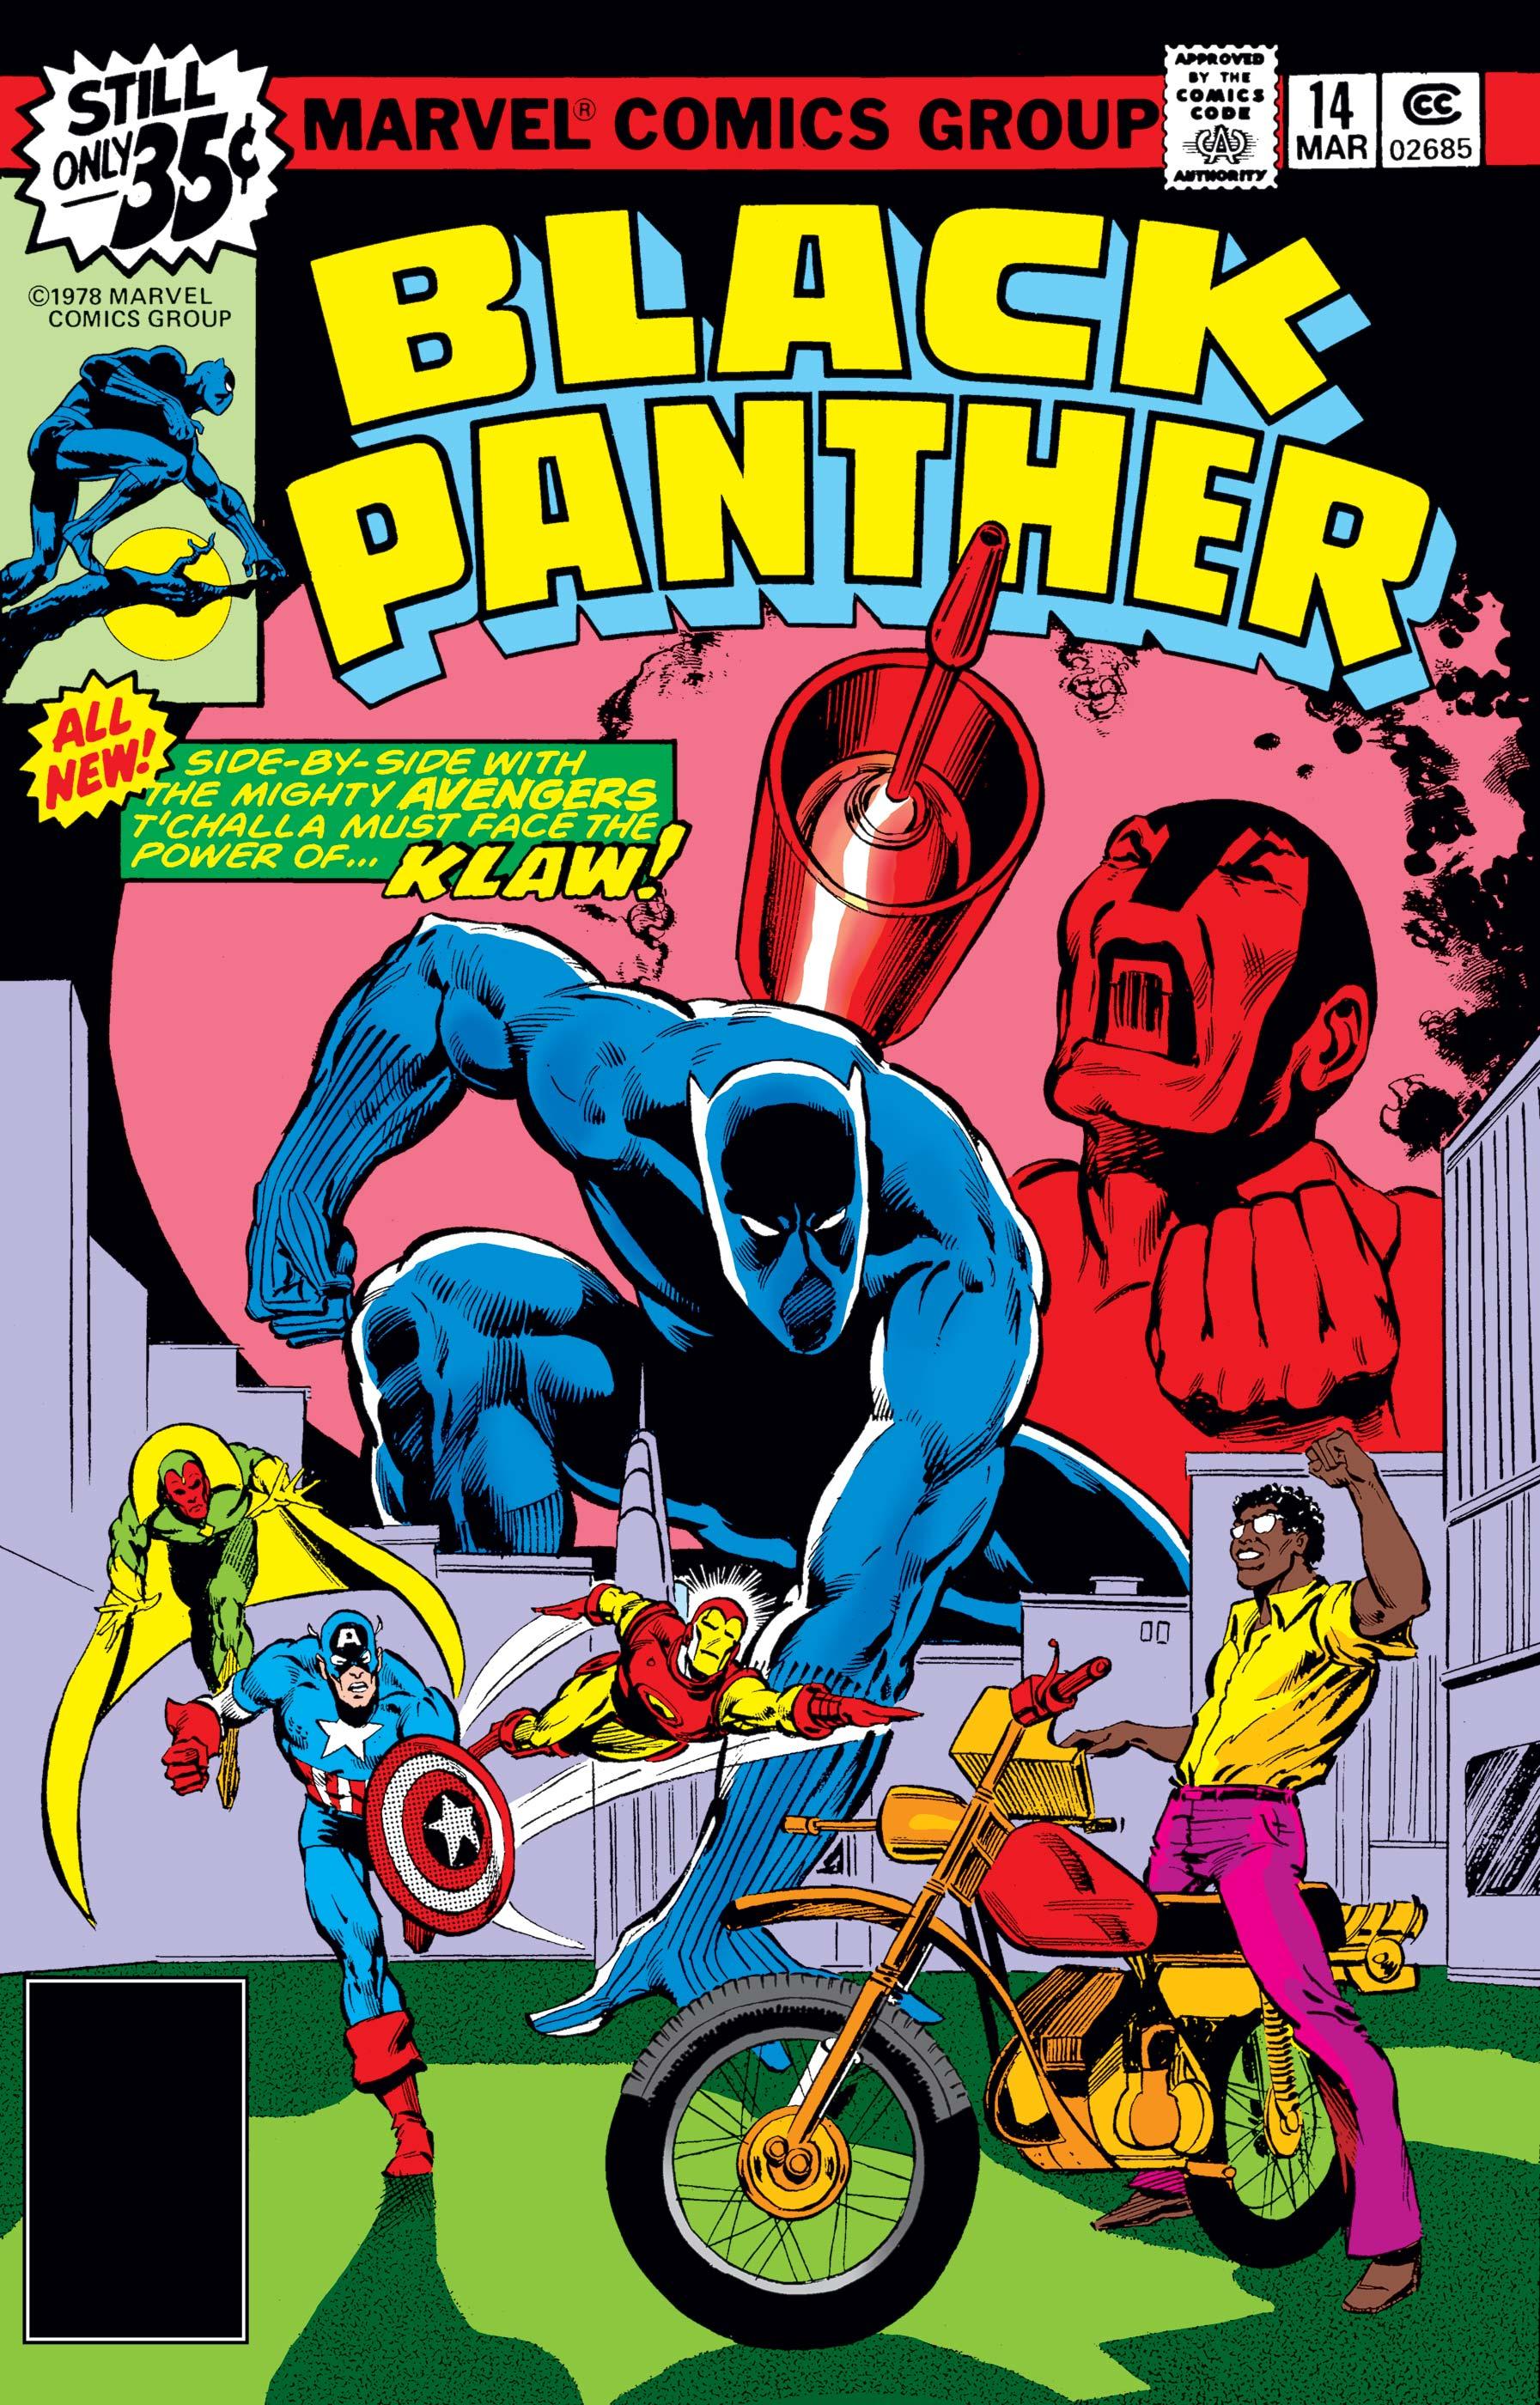 Black Panther (1977) #14